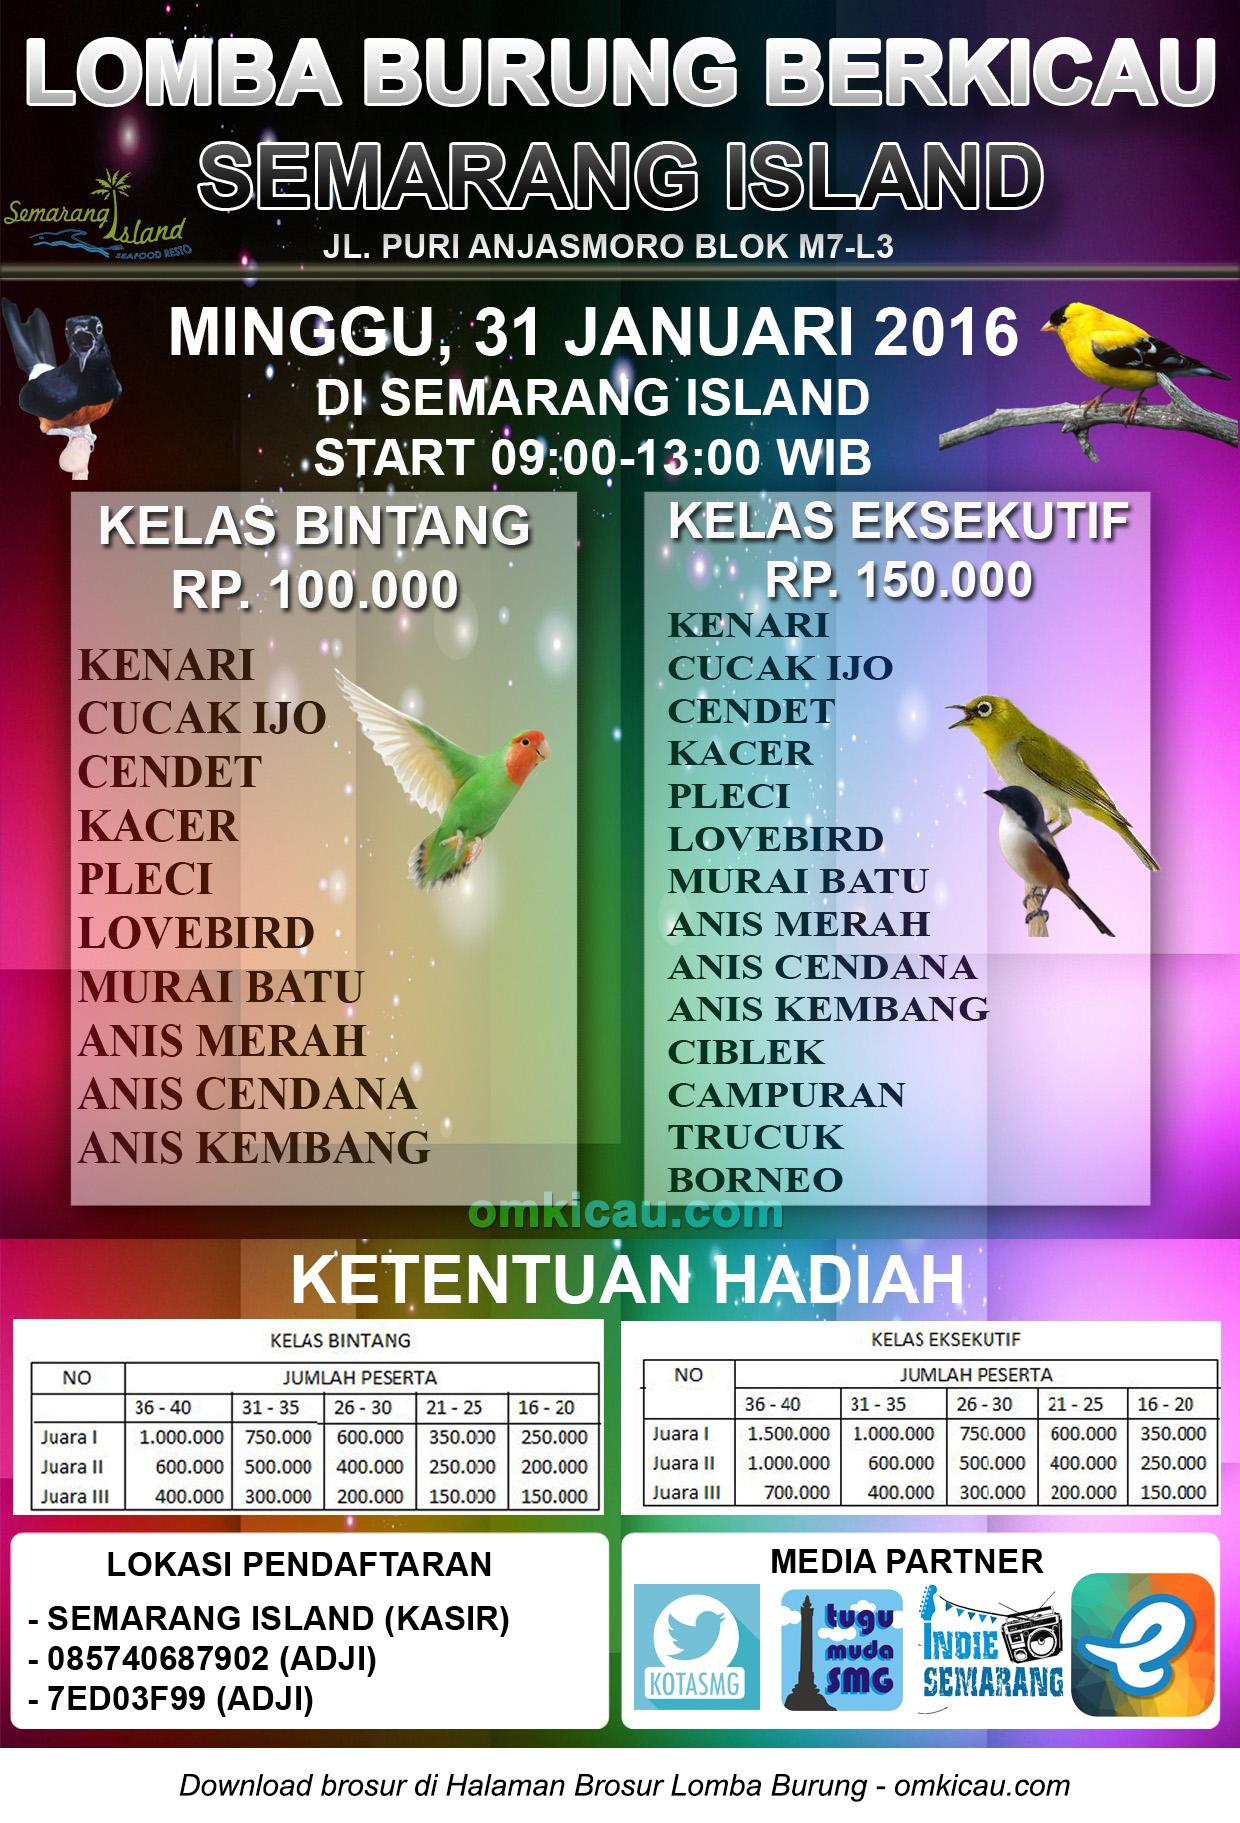 Brosur Lomba Burung Berkicau Semarang Island, 31 Januari 2016